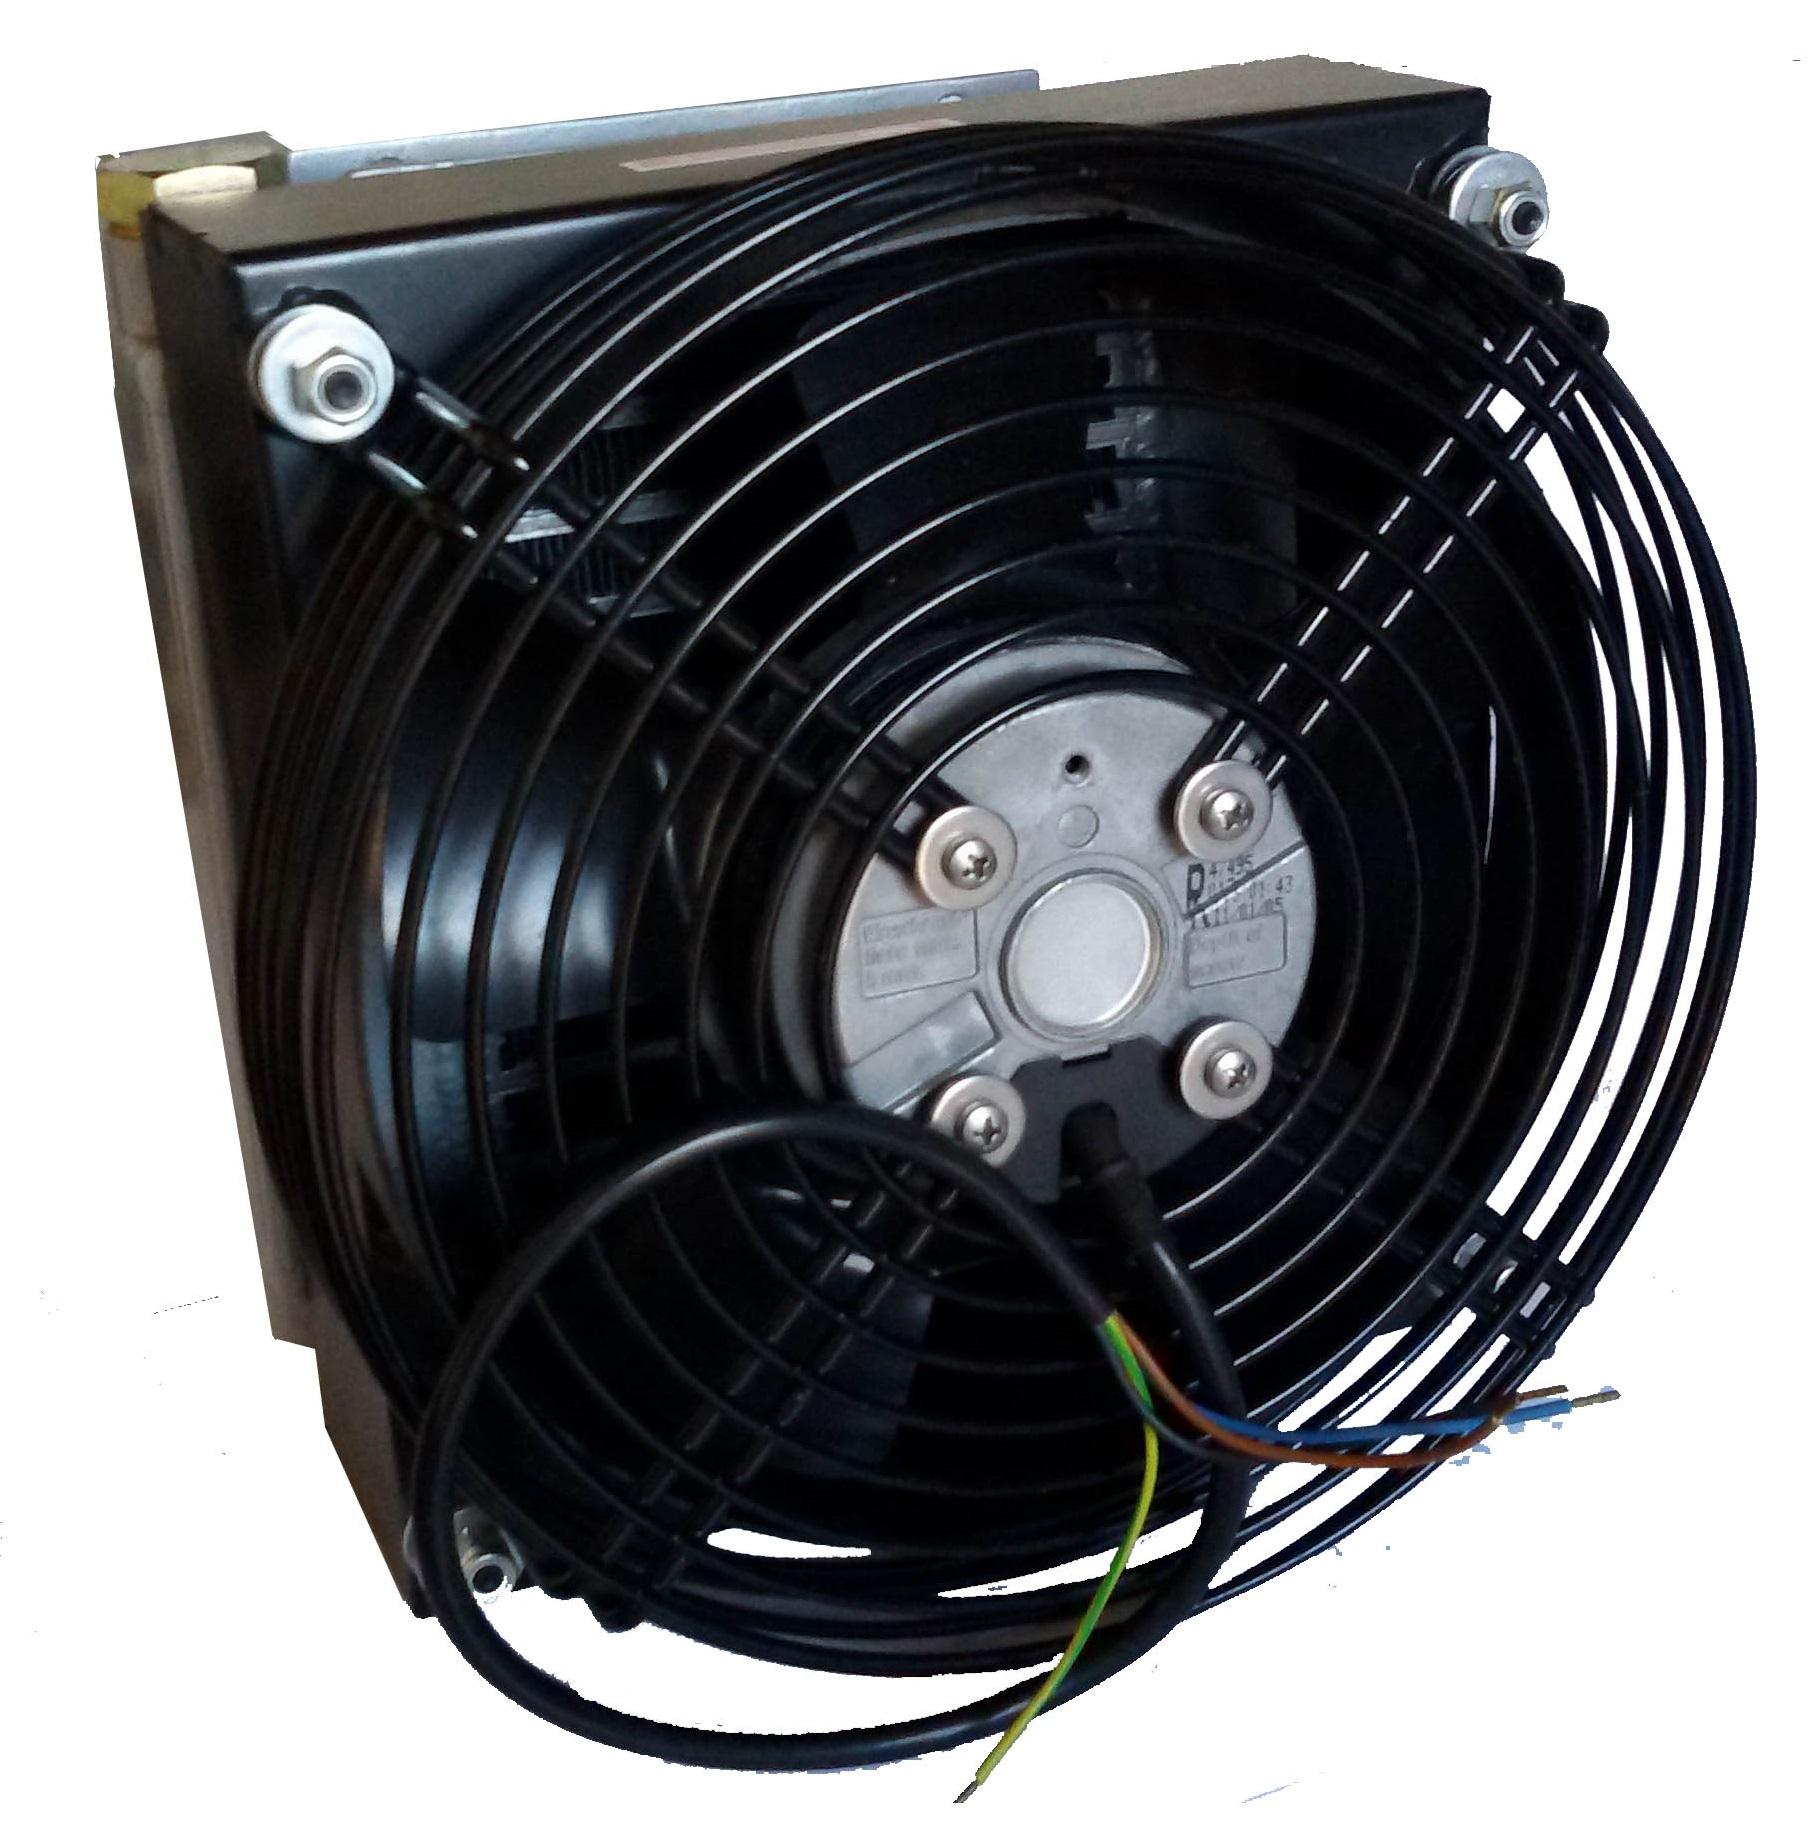 Scambiatore di calore aria olio ral 170 ira radiatori ebay - Scambiatore di aria ...